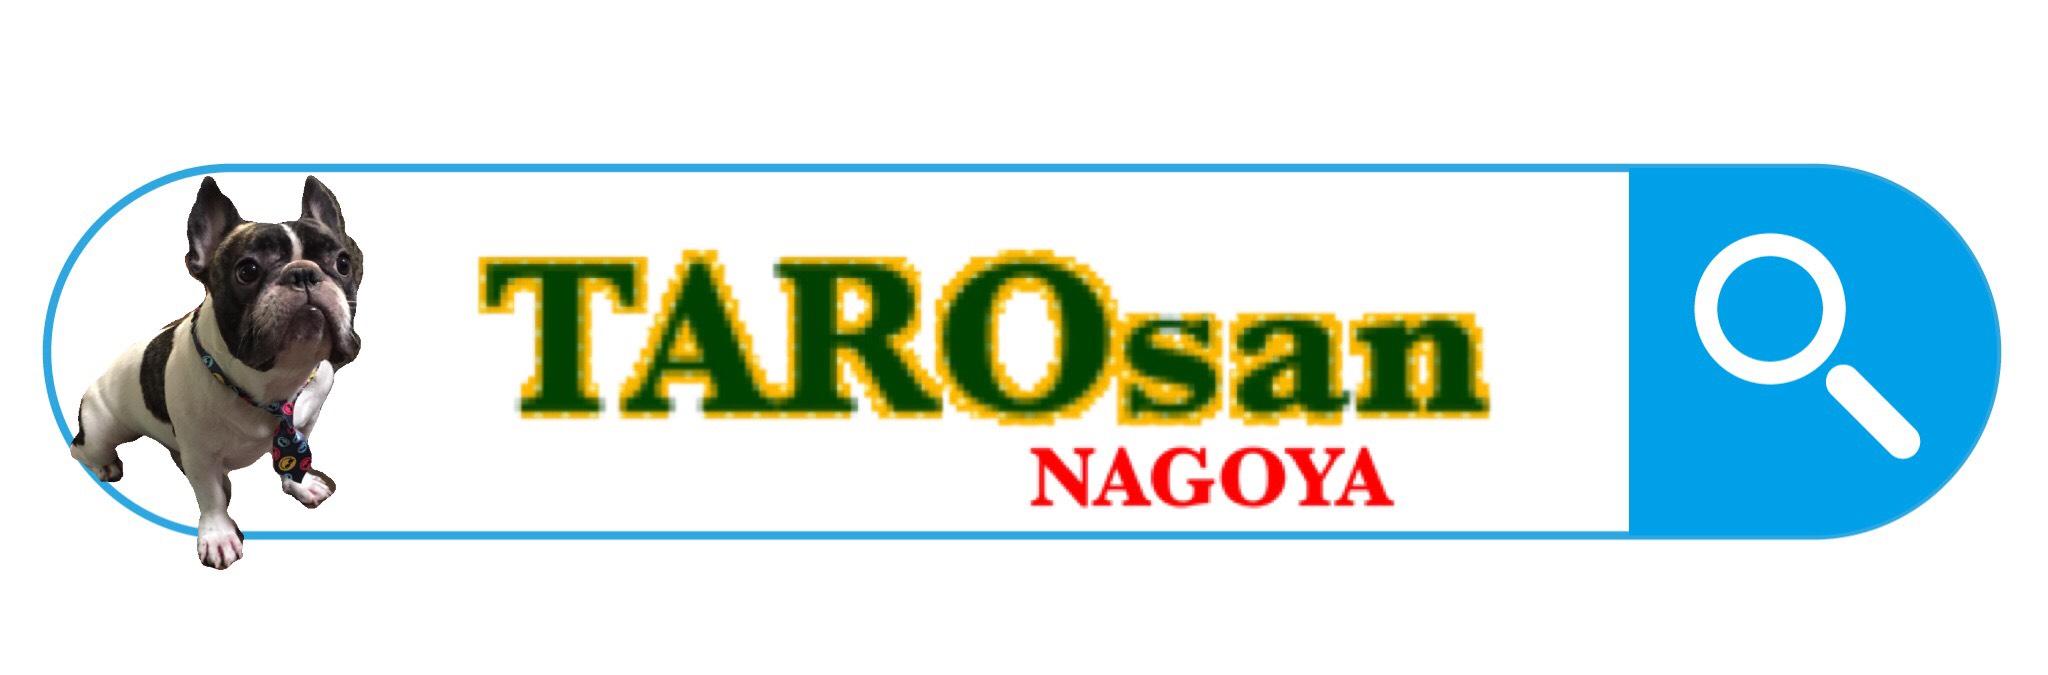 心と体のメンテなら『TAROsan』 心と体のカウンセリングオフィスTAROsan(たろさん) 名古屋